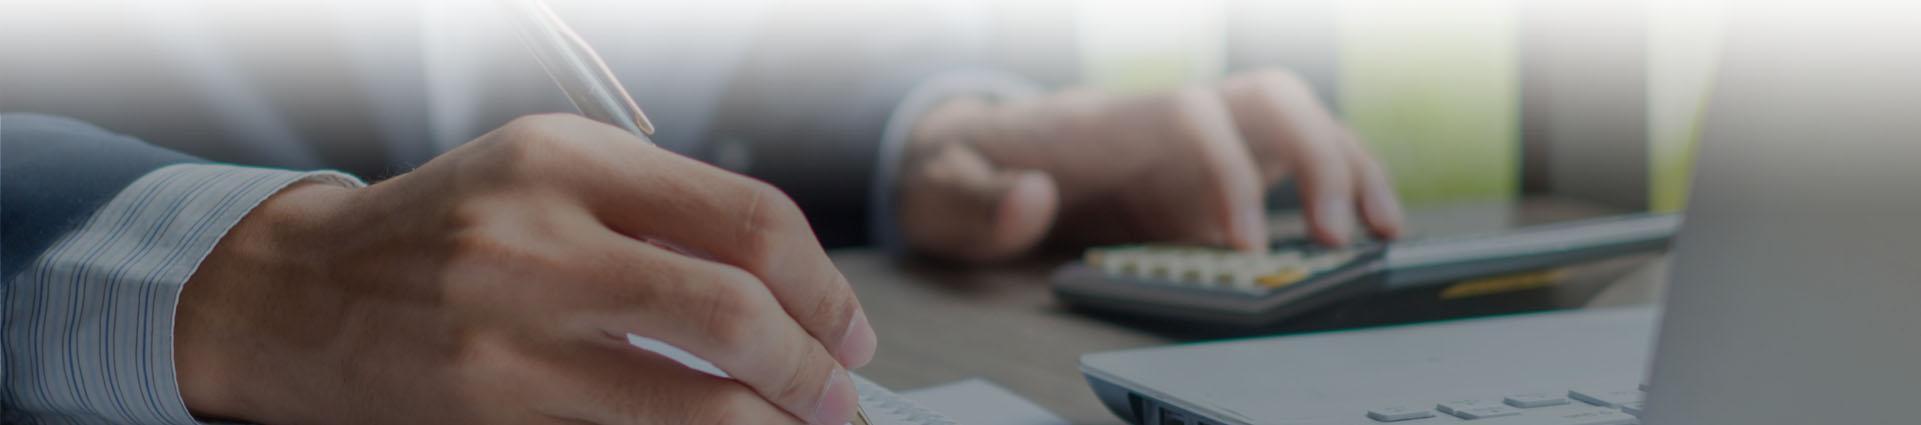 pan piszący w notatniku, długopis, kalkulator